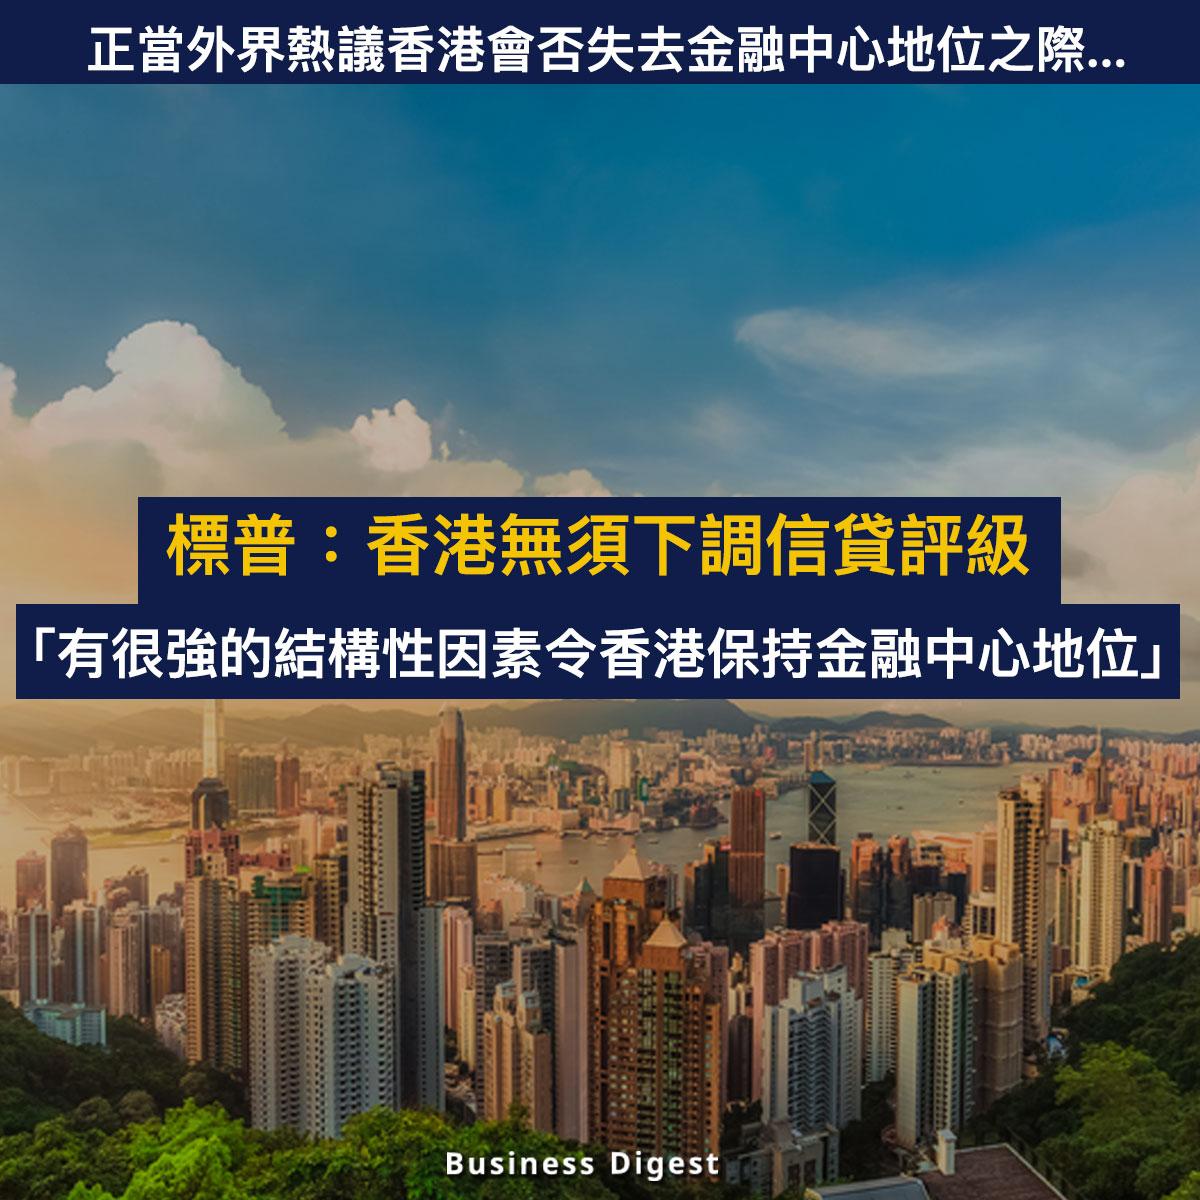 【商業熱話】標普:香港無須下調信貸評級:「有很強的結構因素令香港保持金融中心地位」